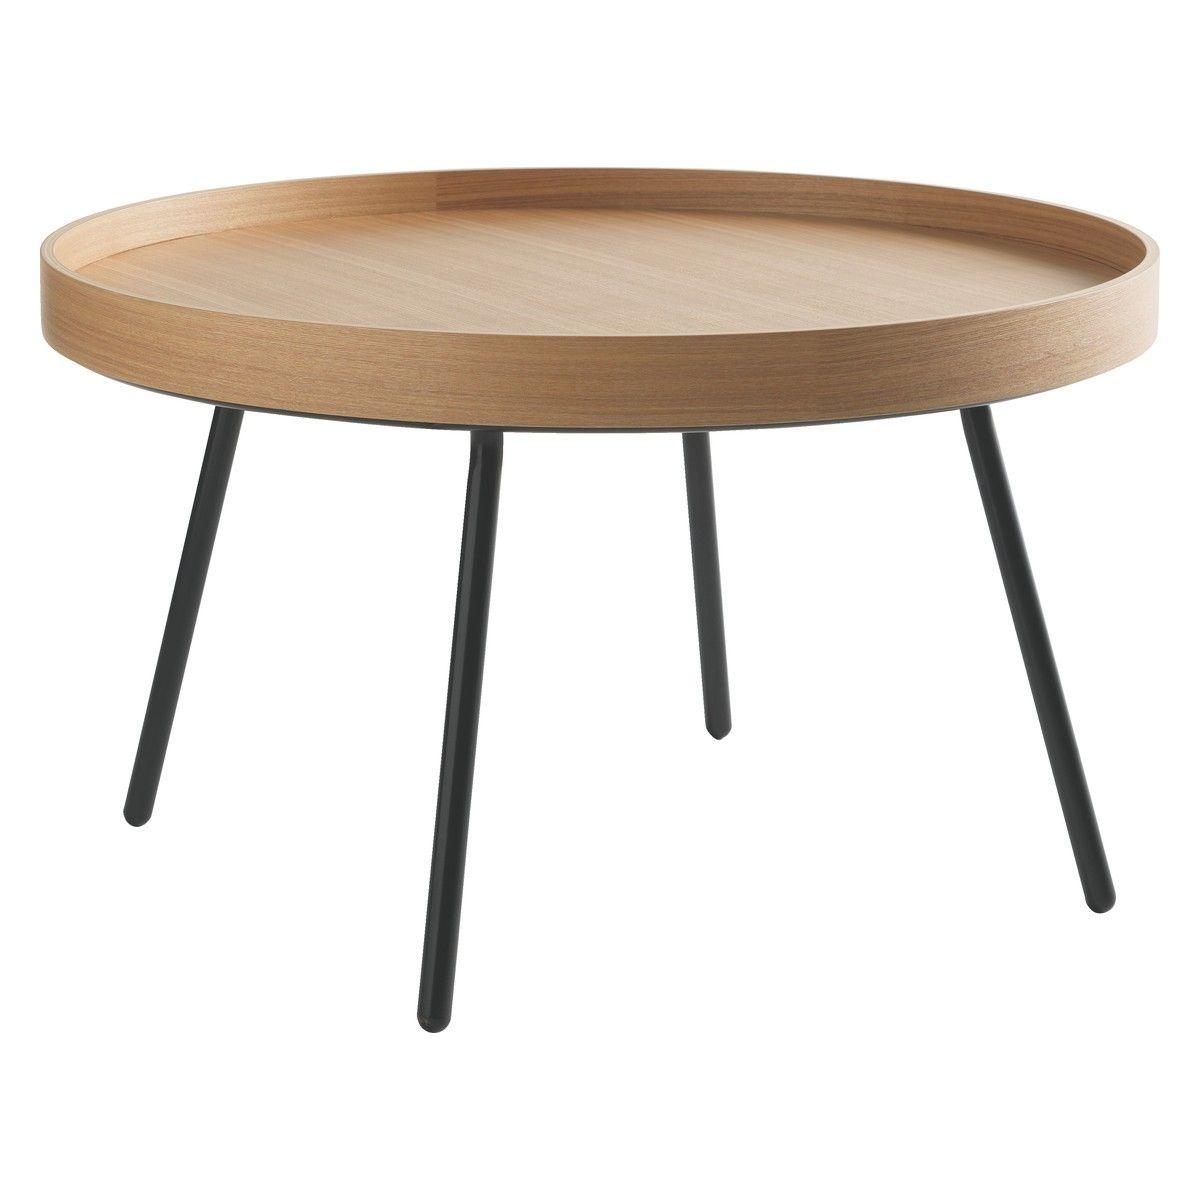 Larke Round Oak Tray Coffee Table Now At Habitat Uk